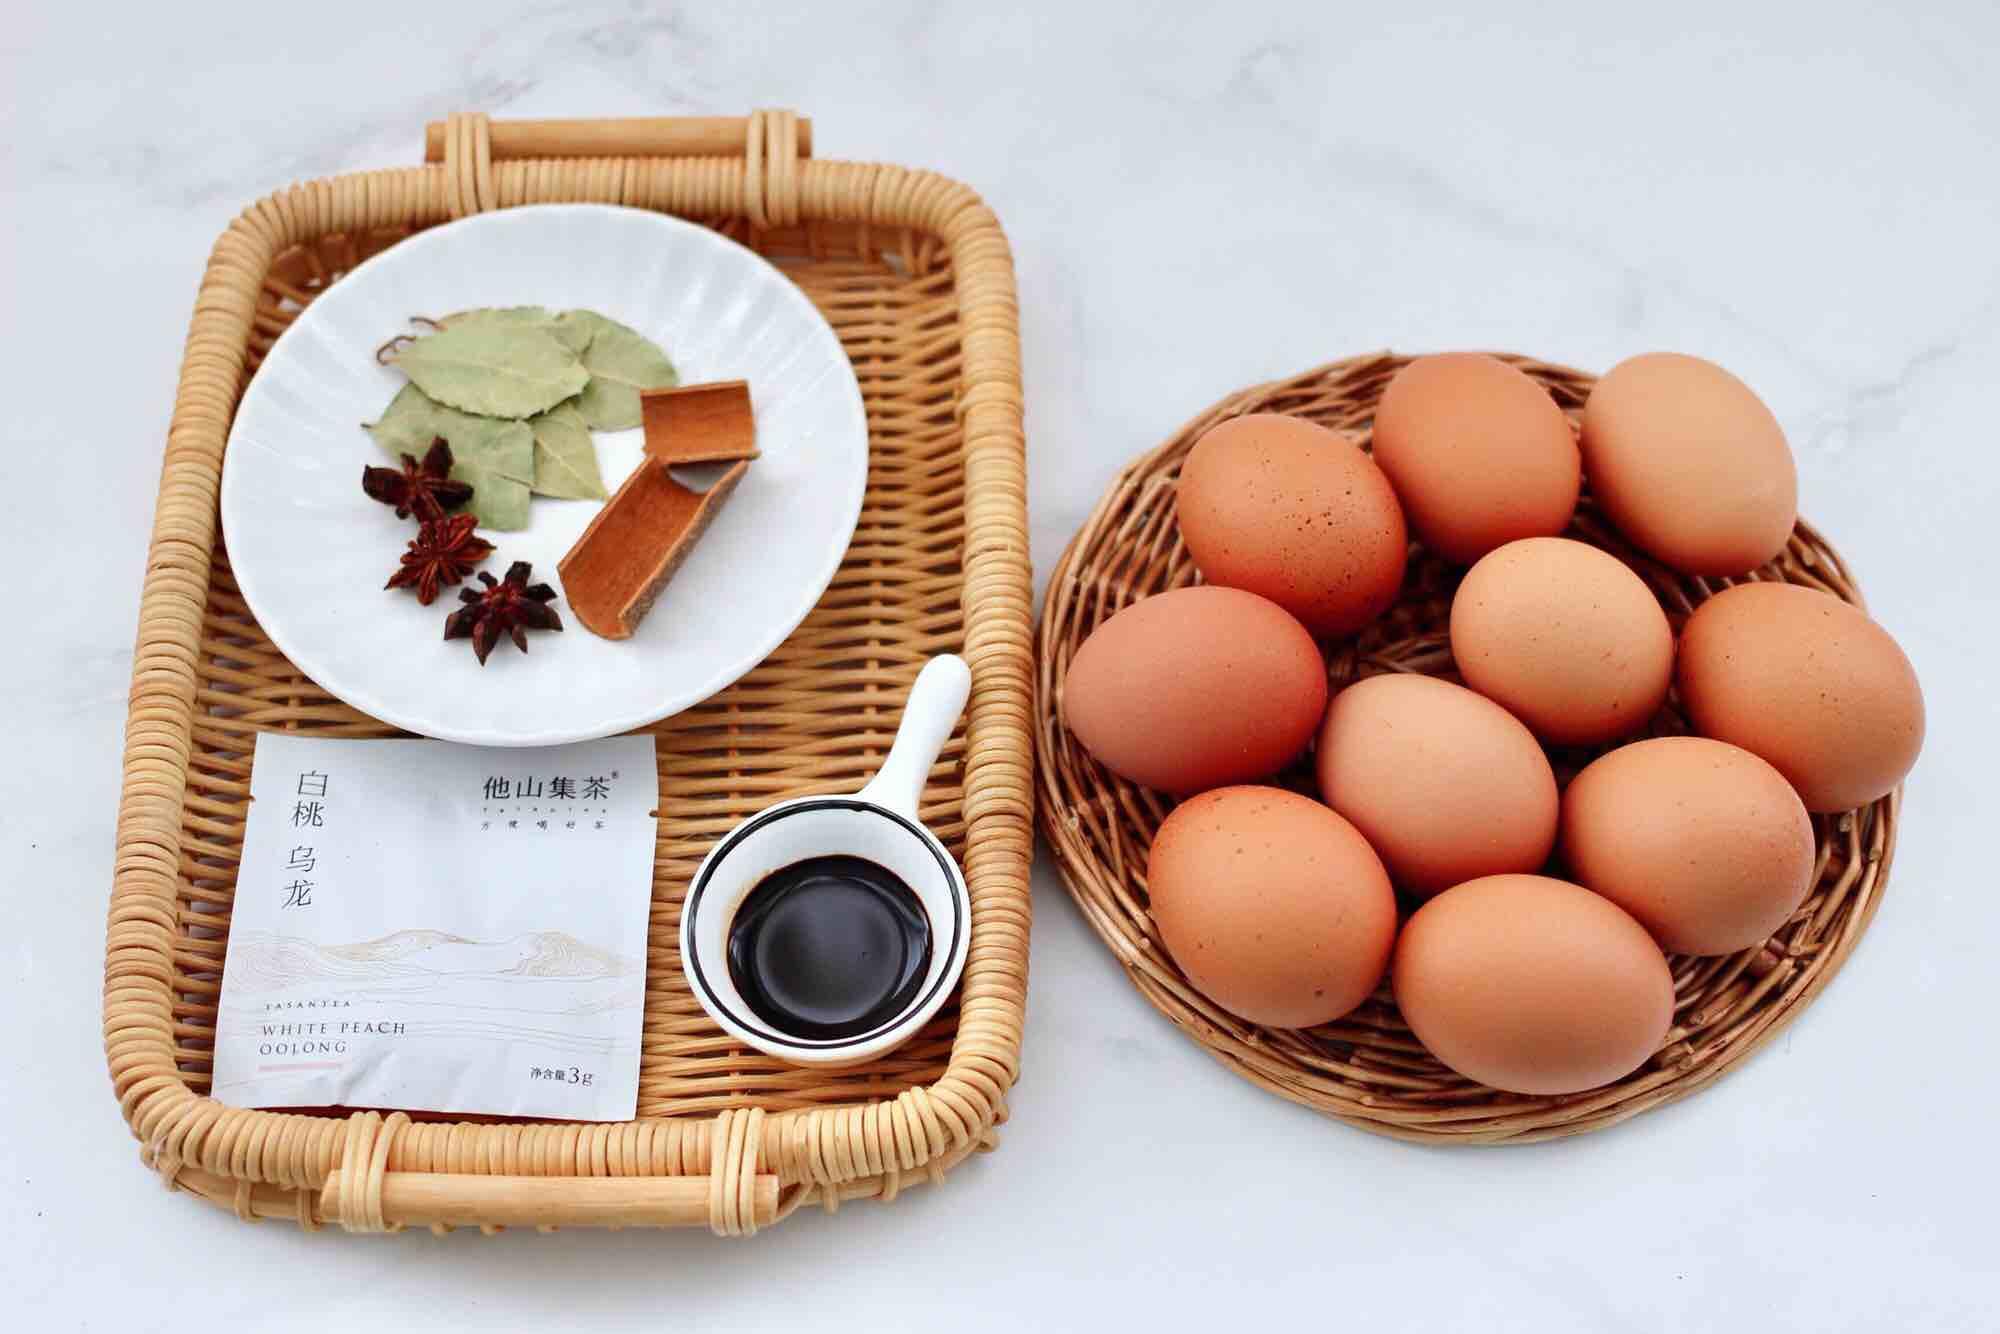 乌龙茶香卤鸡蛋的做法大全